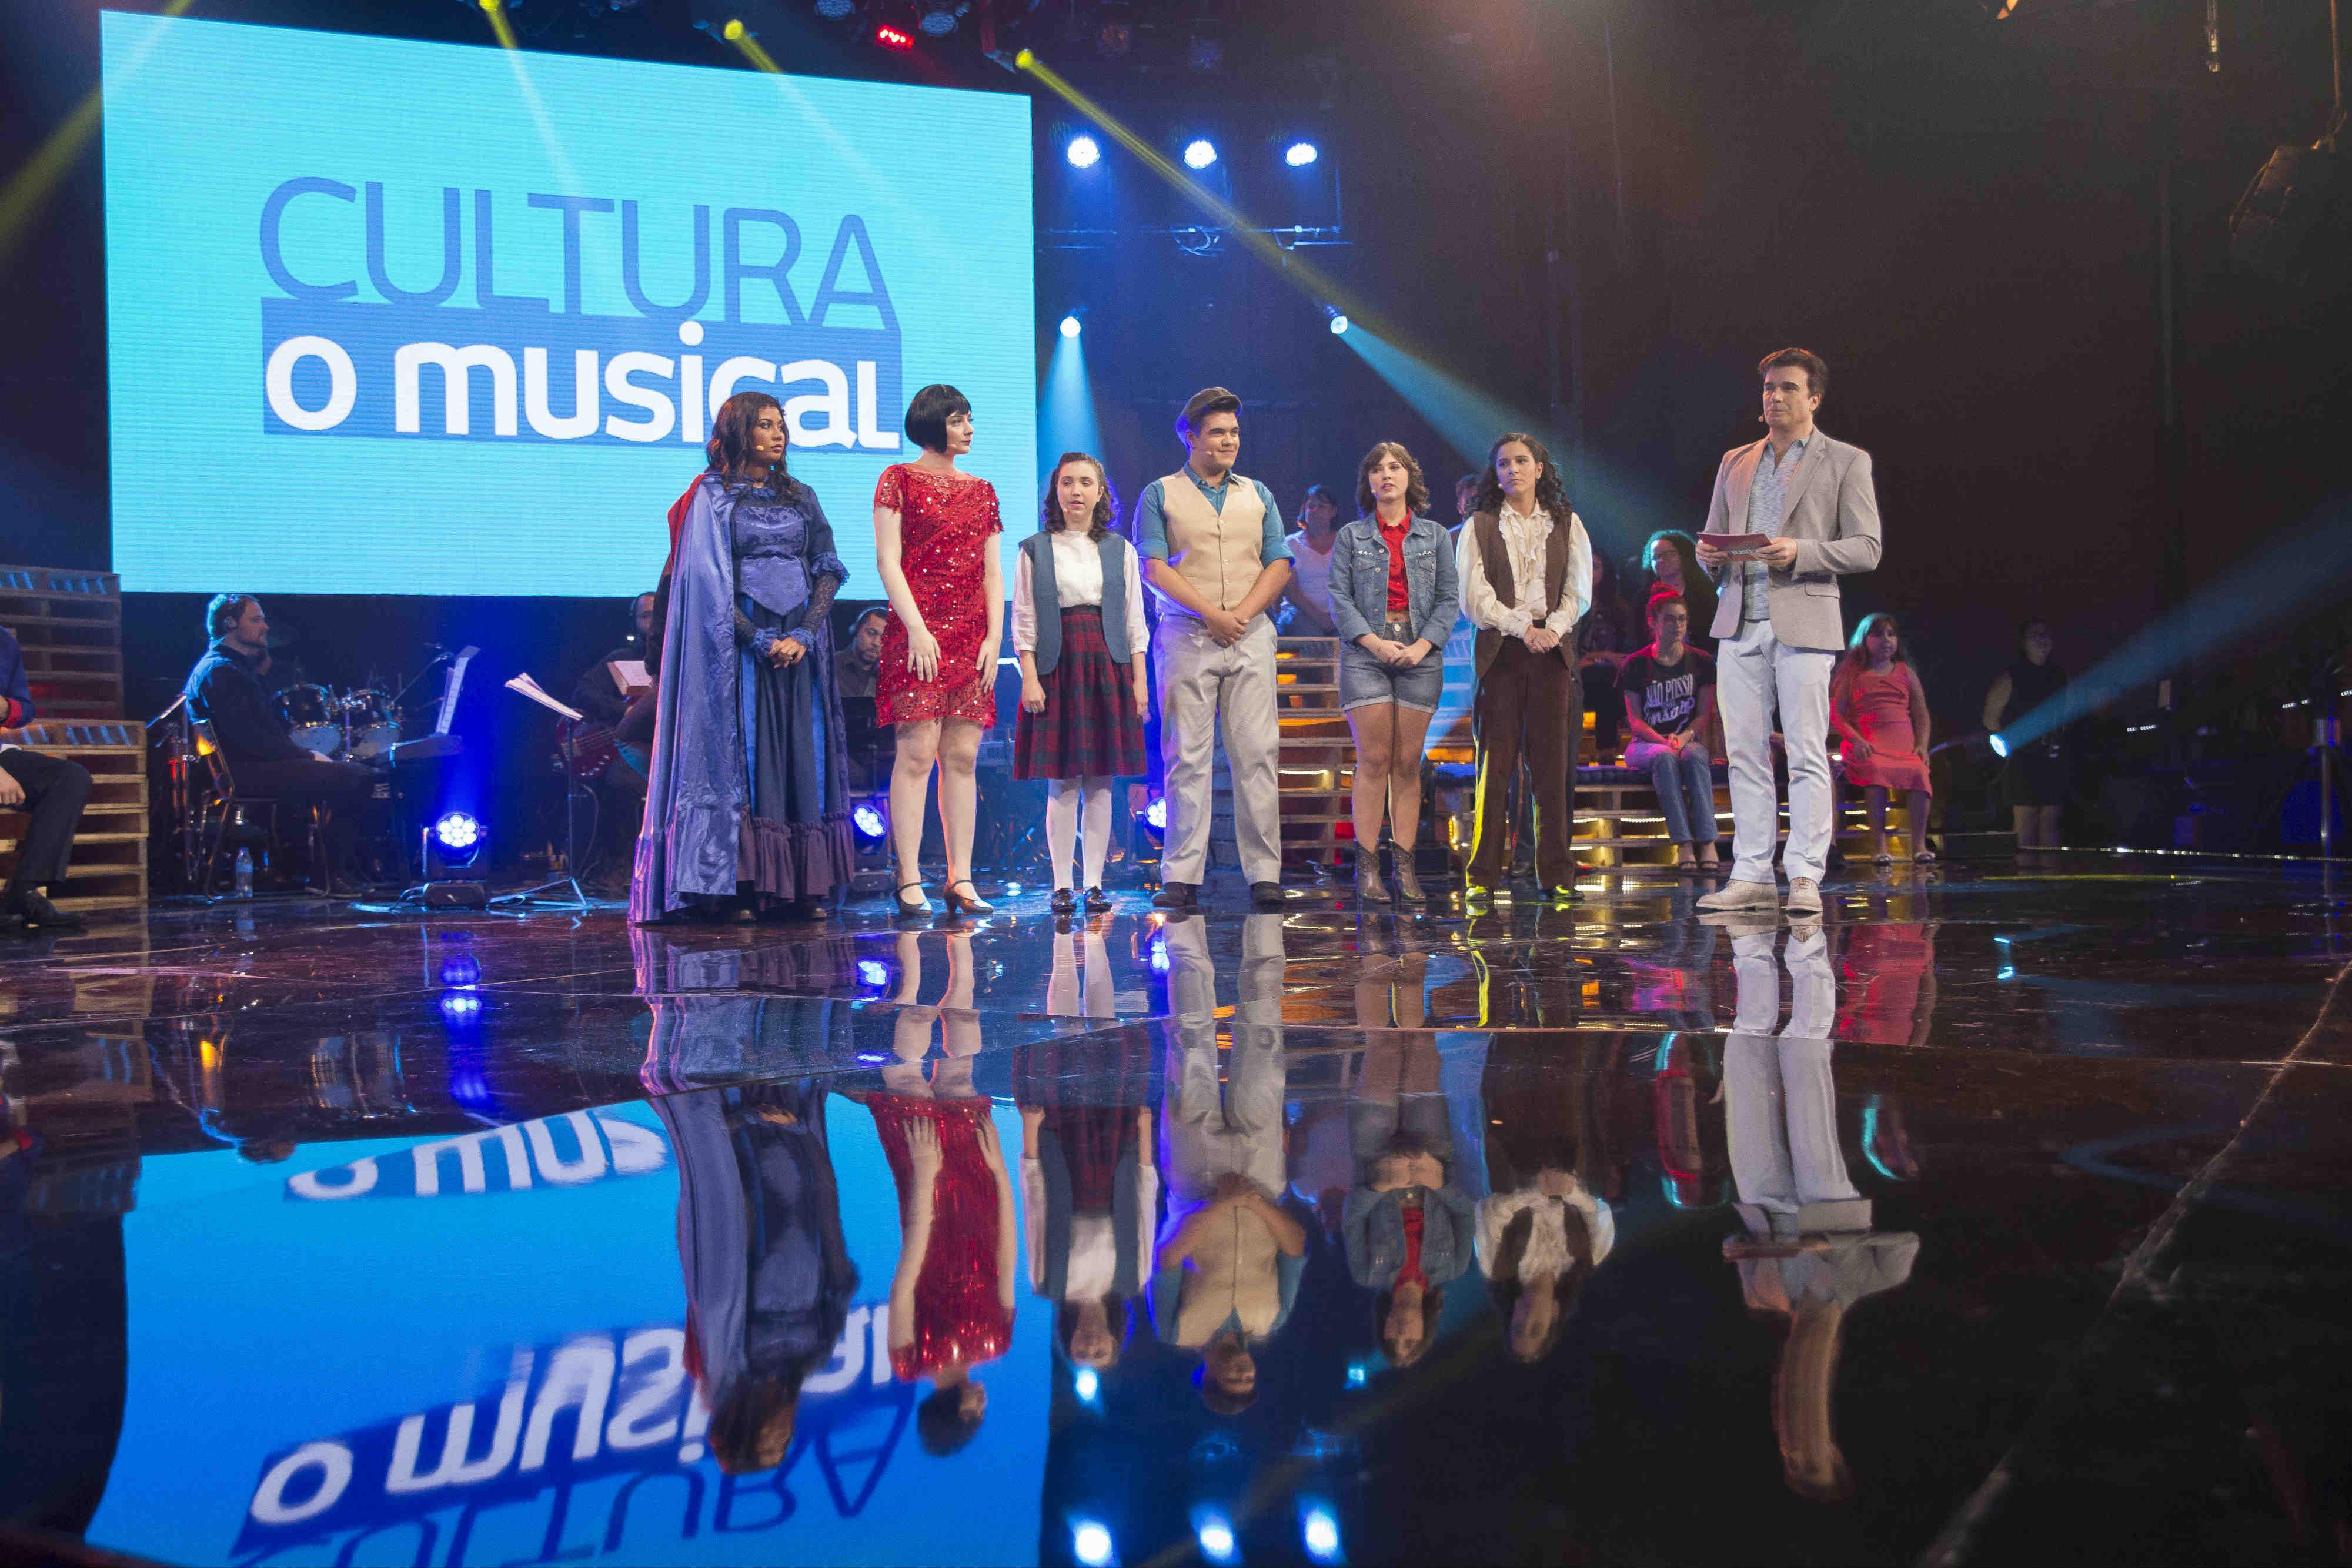 Maestro Júlio Medaglia encabeça júri da 4ª eliminatória de Cultura, o Musical  no ar neste domingo dia 5 de maio, 11h